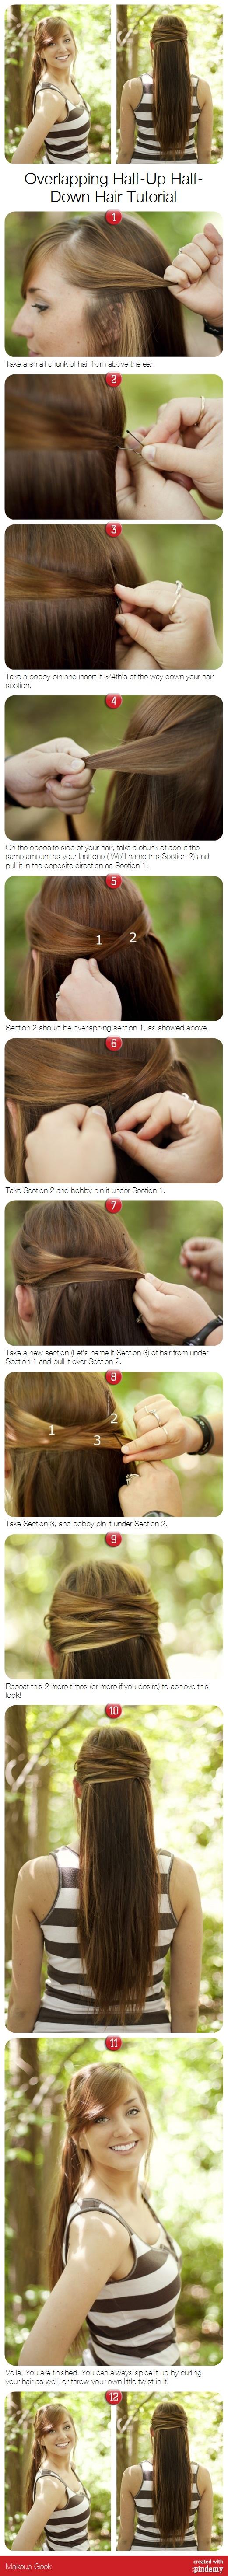 Diy overlapping halfup halfdown hair tutorial diy hairstyles